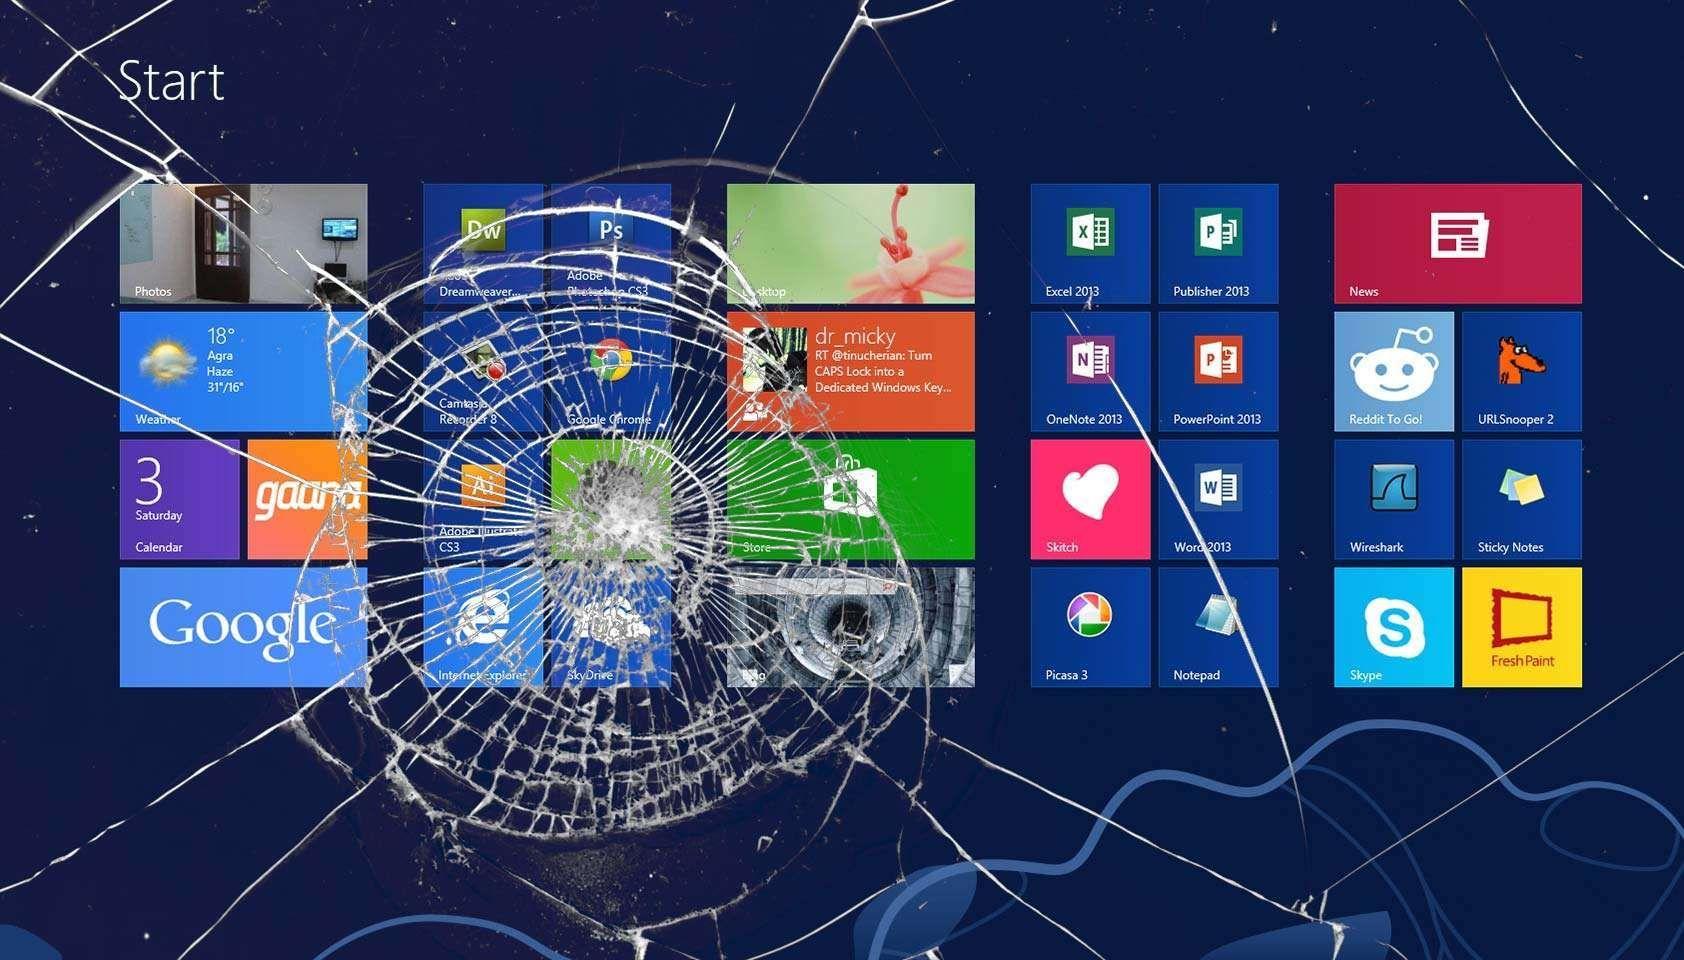 Windows 10 Wallpaper Broken Mywallpapers Site In 2020 Computer Screen Wallpaper Broken Screen Wallpaper Broken Screen